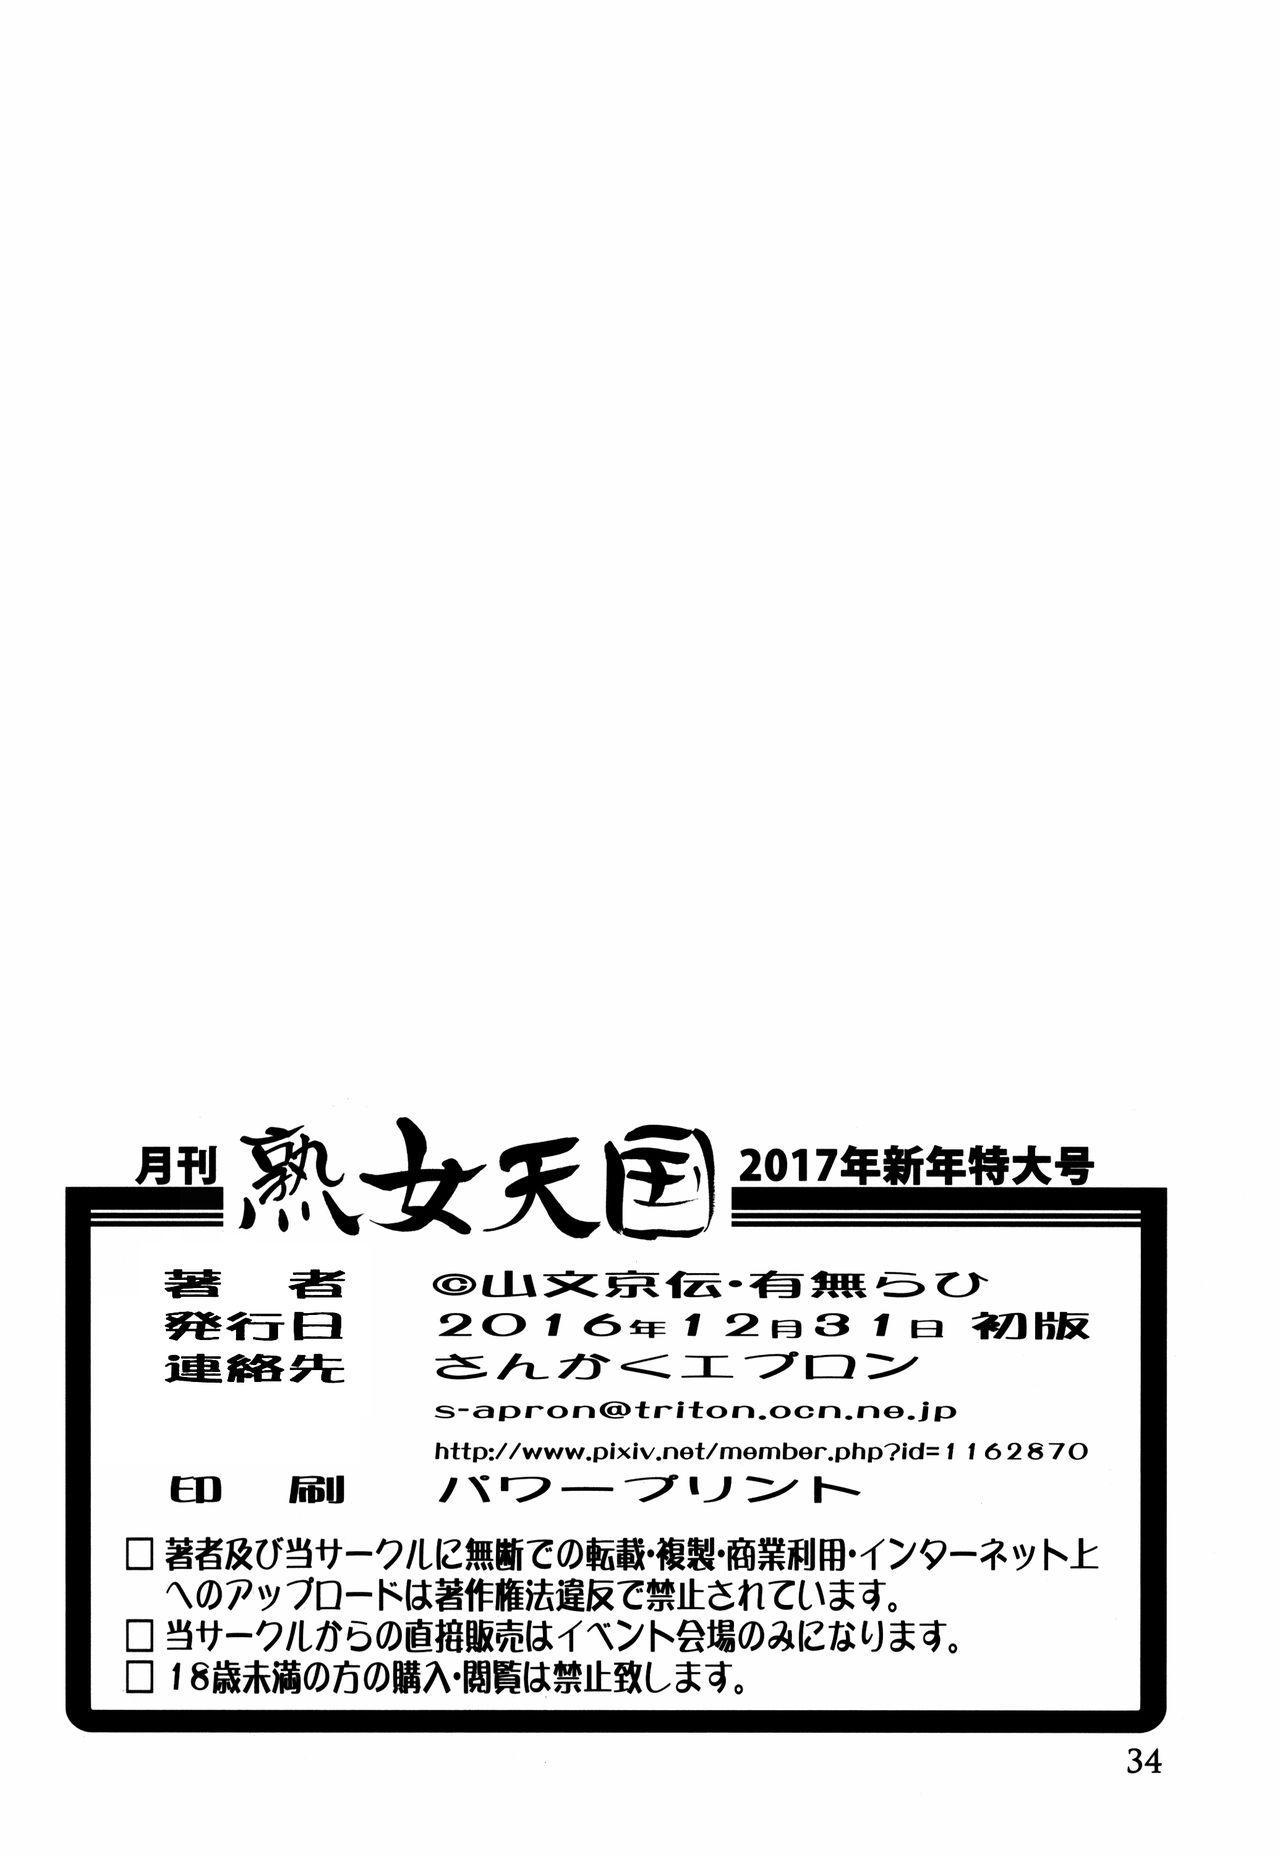 Gekkan Jukujo Tengoku 2017 Shinnen Tokudai-gou 33